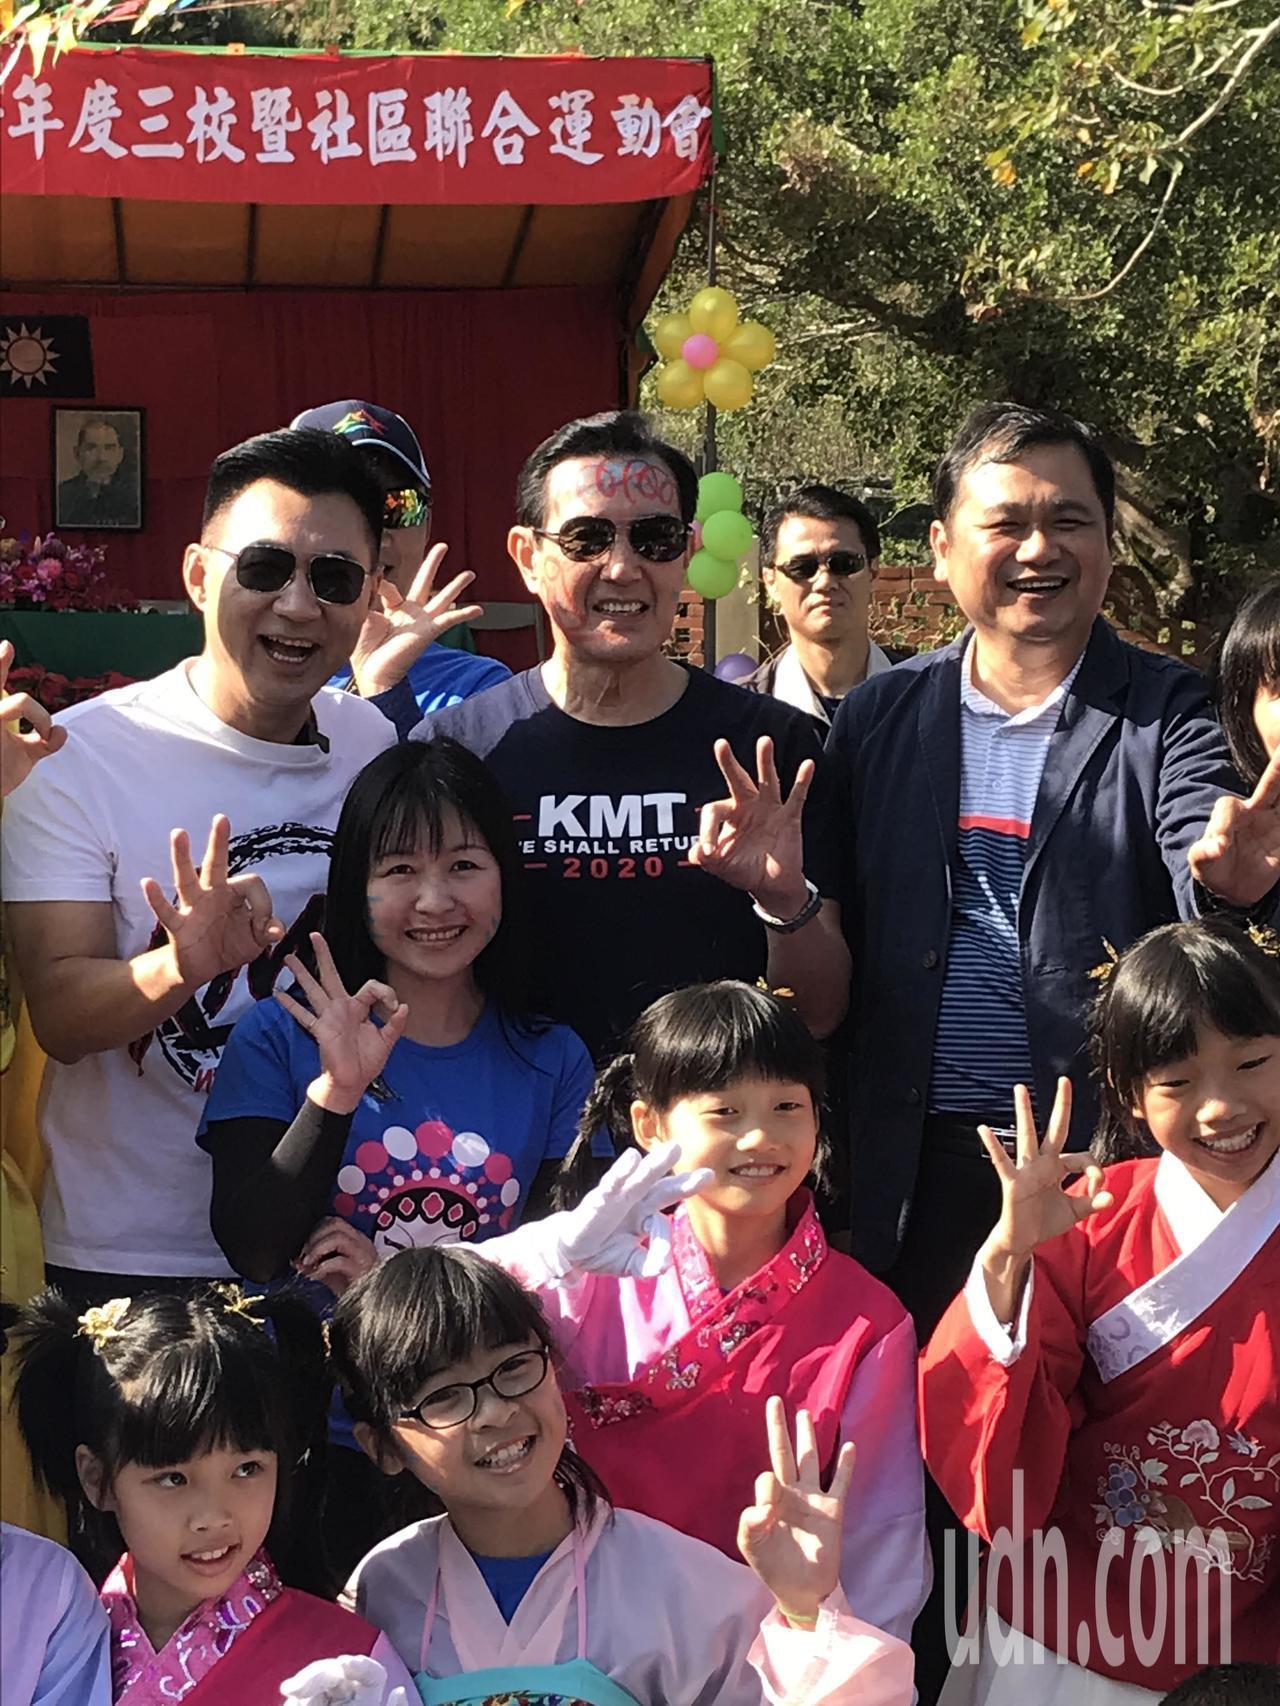 前總統馬英九臉被小朋友畫成花臉,馬英九燦笑回答,「很棒啊!」,更直言,「小朋友很...